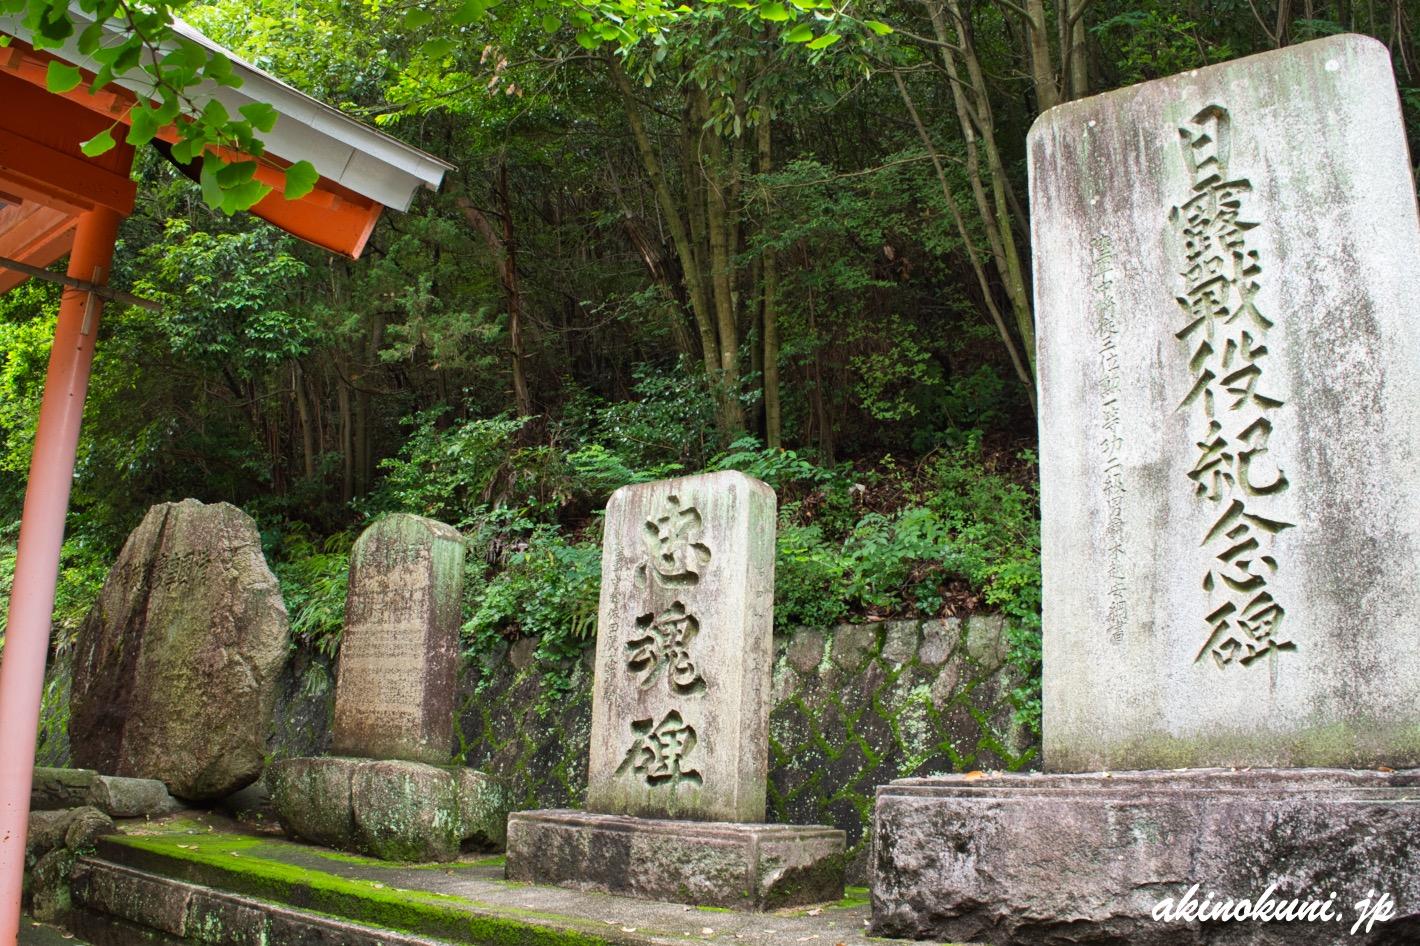 報国神社 4つの碑